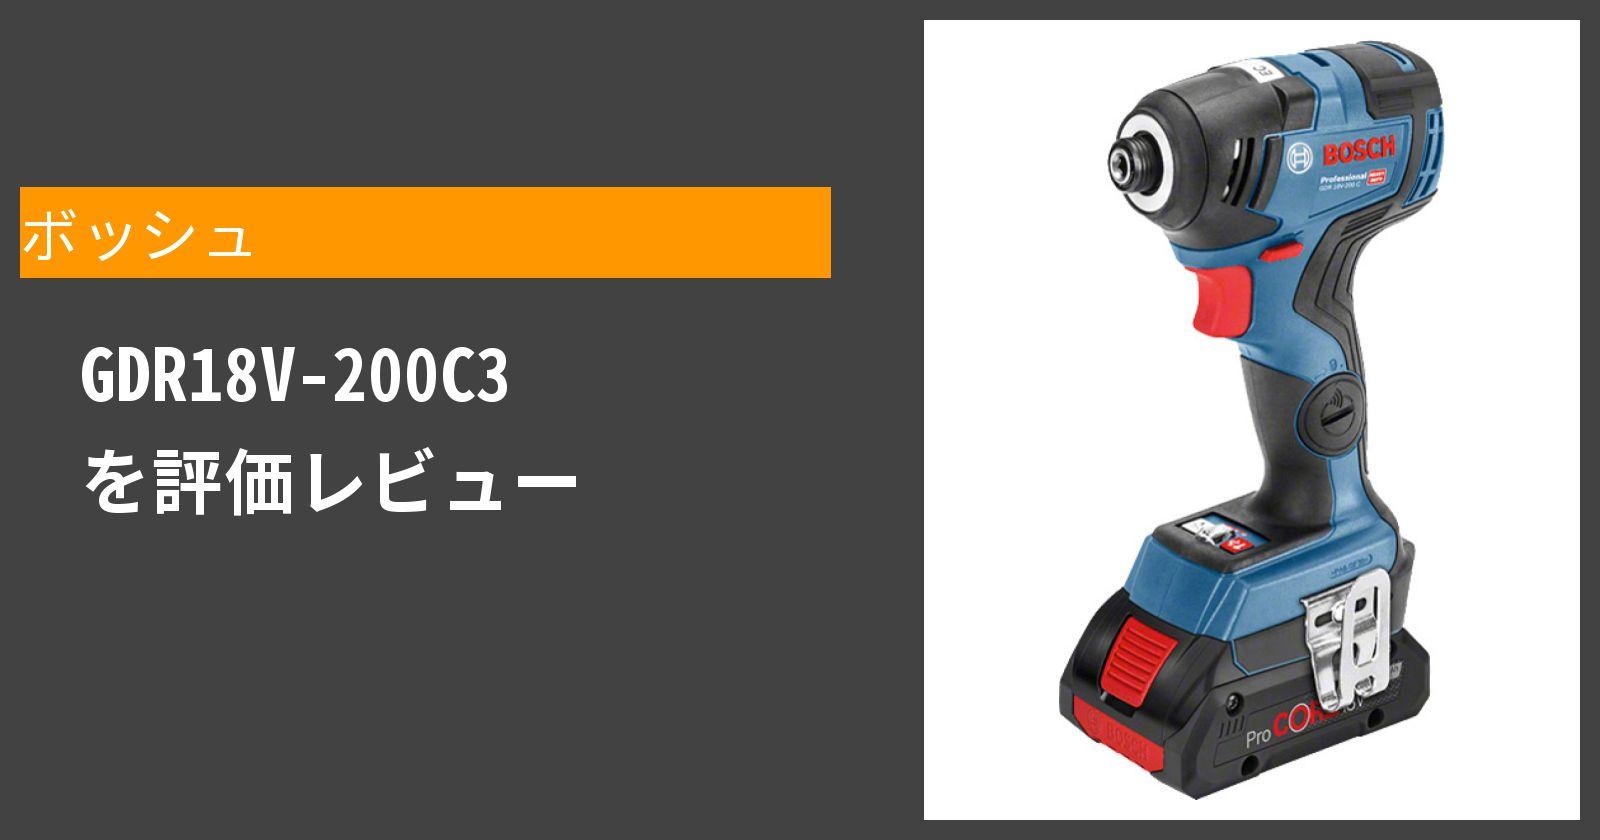 GDR18V-200C3を徹底評価